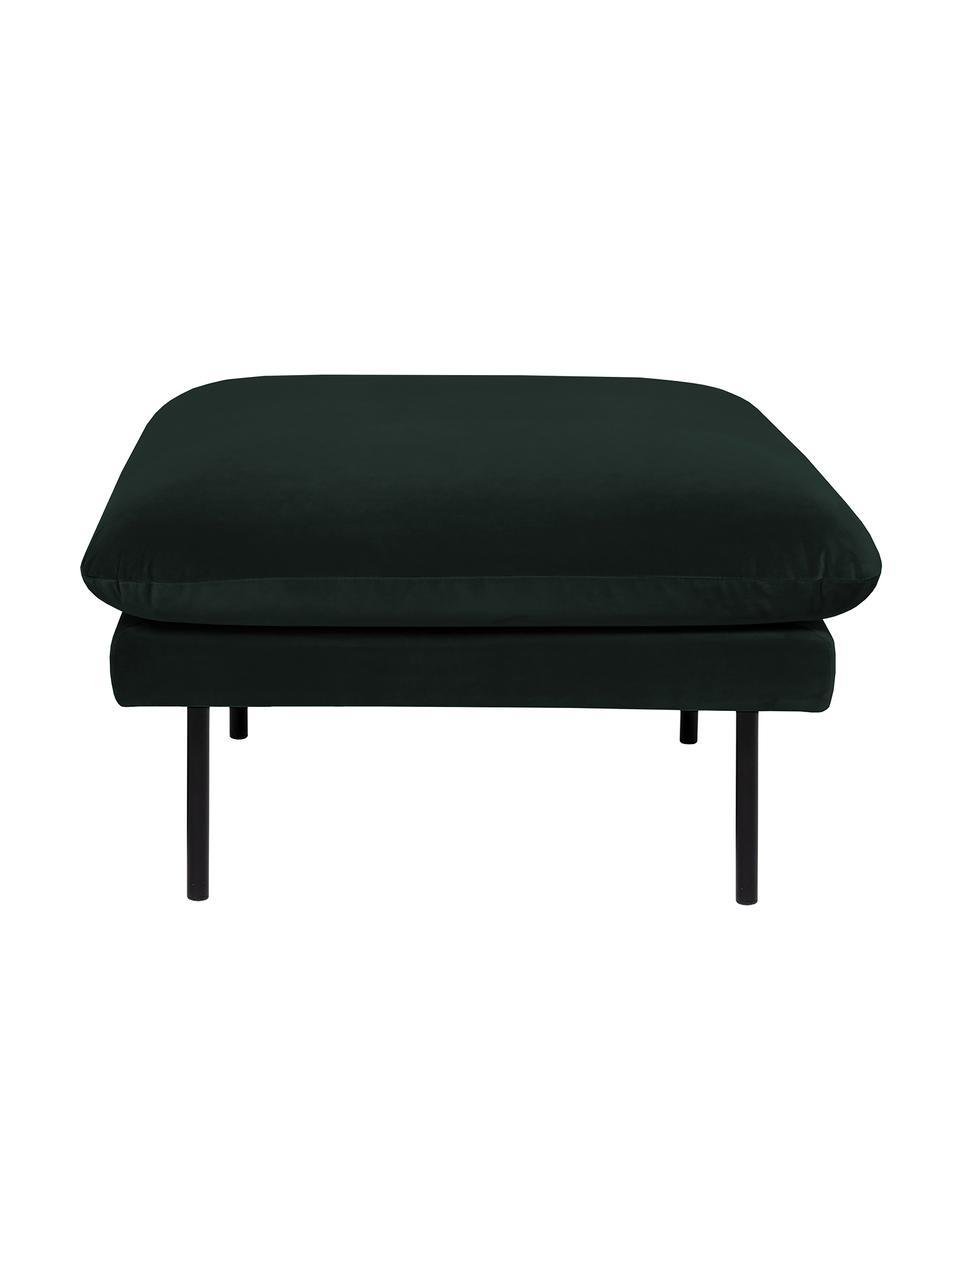 Poggiapiedi da divano in velluto verde scuro Moby, Rivestimento: velluto (rivestimento in , Struttura: legno di pino massiccio, Velluto verde scuro, Larg. 78 x Alt. 48 cm